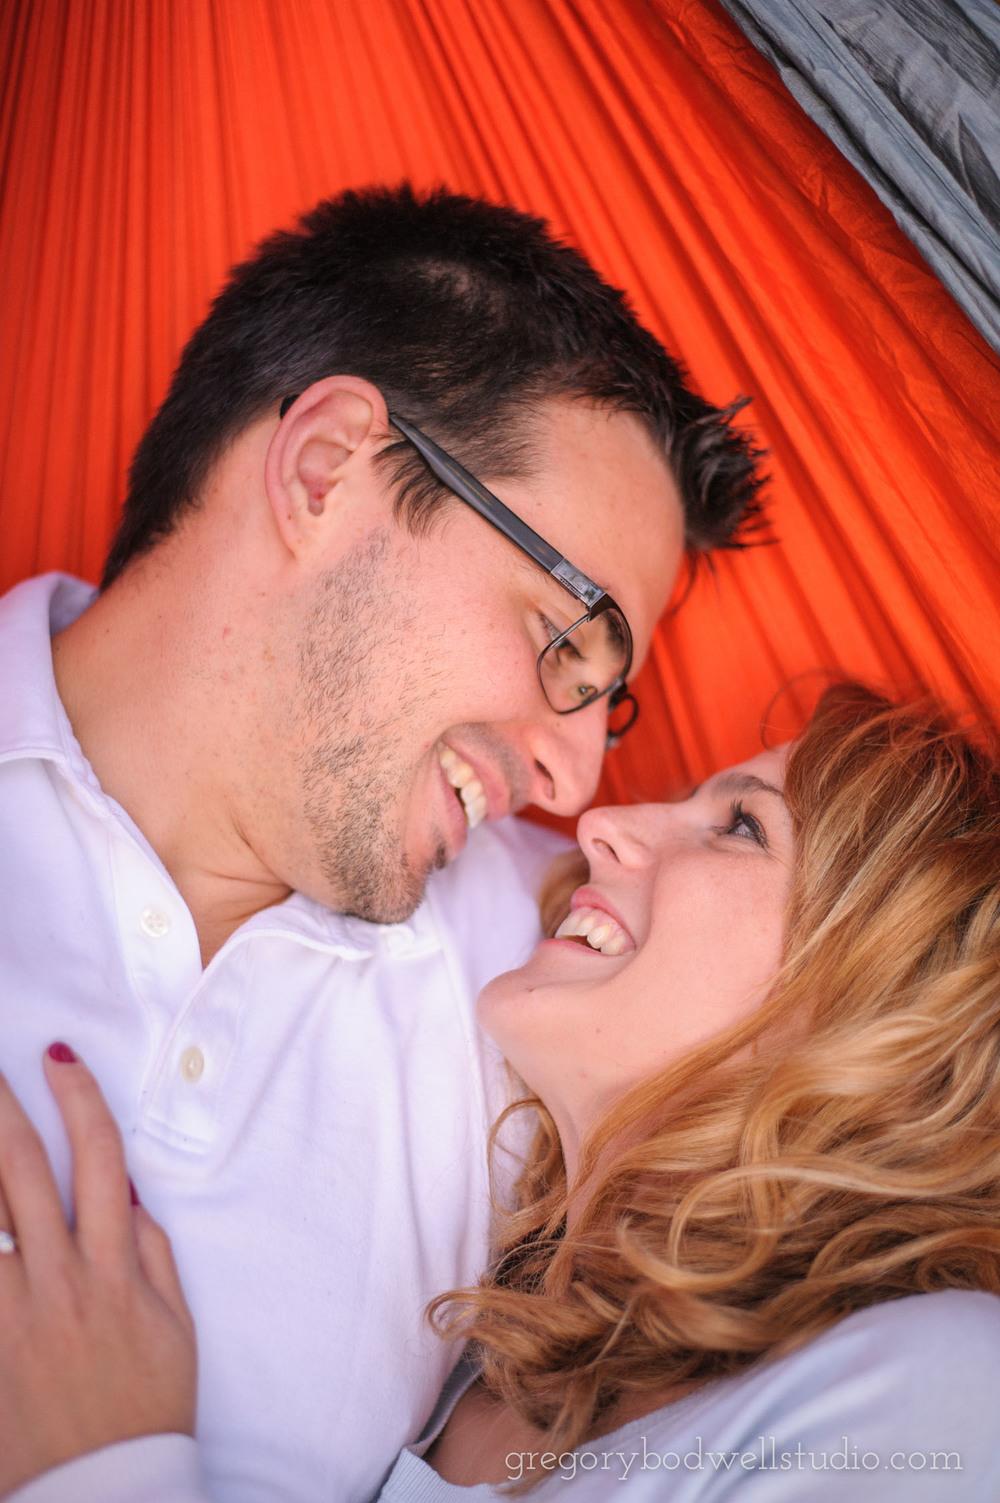 Chance_sarah_Engagement_016.jpg